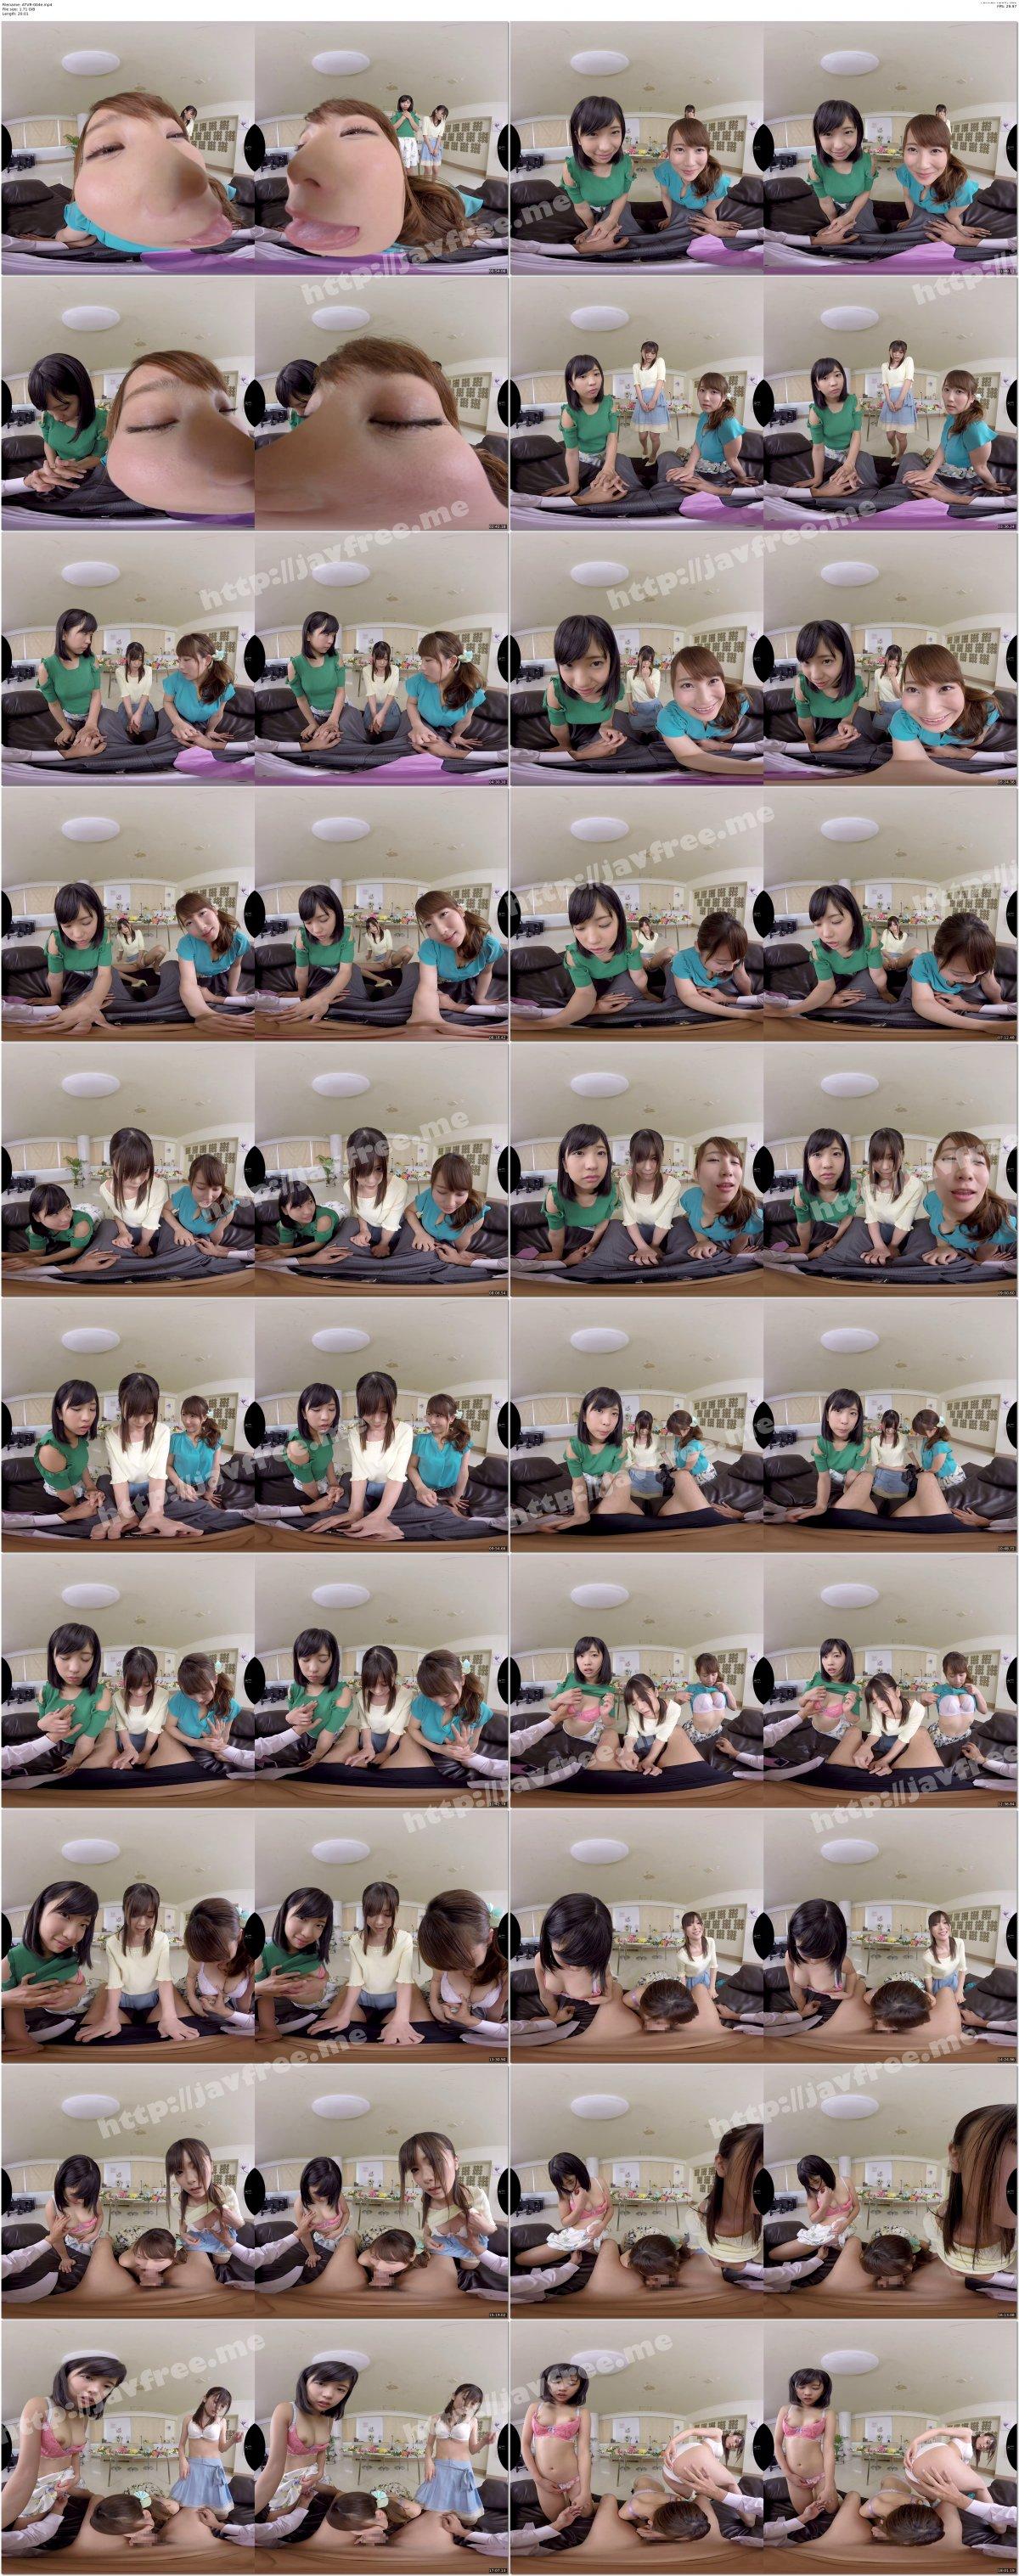 [ATVR-004] 【VR】番組ディレクターになった僕を三人の女子アナが御奉仕してくれる夢の奴隷ハーレム - image ATVR-004e on https://javfree.me